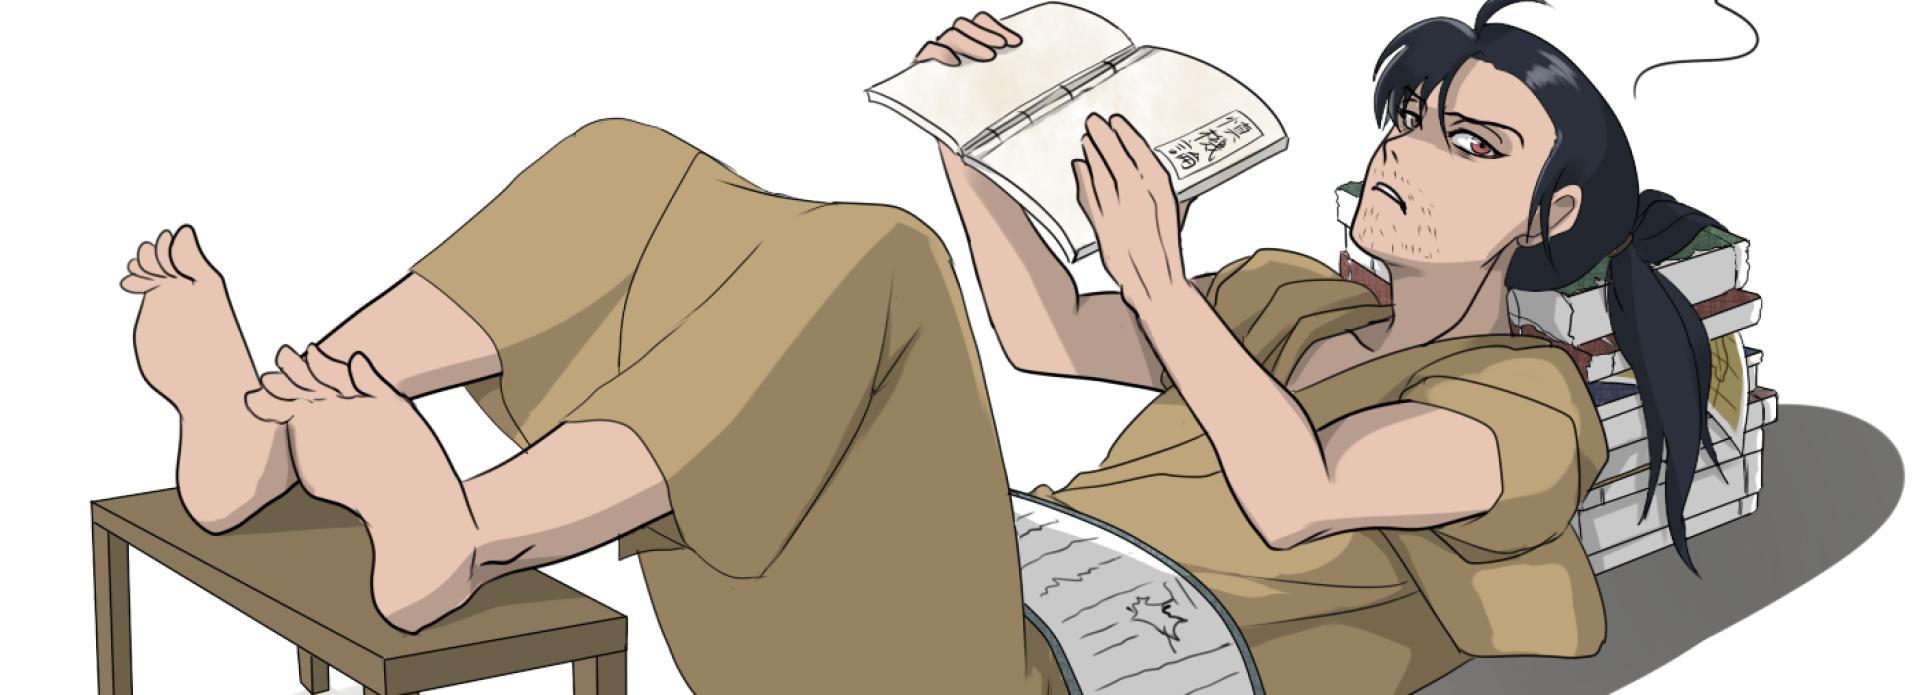 アニメーション『新・江藤新平伝』公式サイト